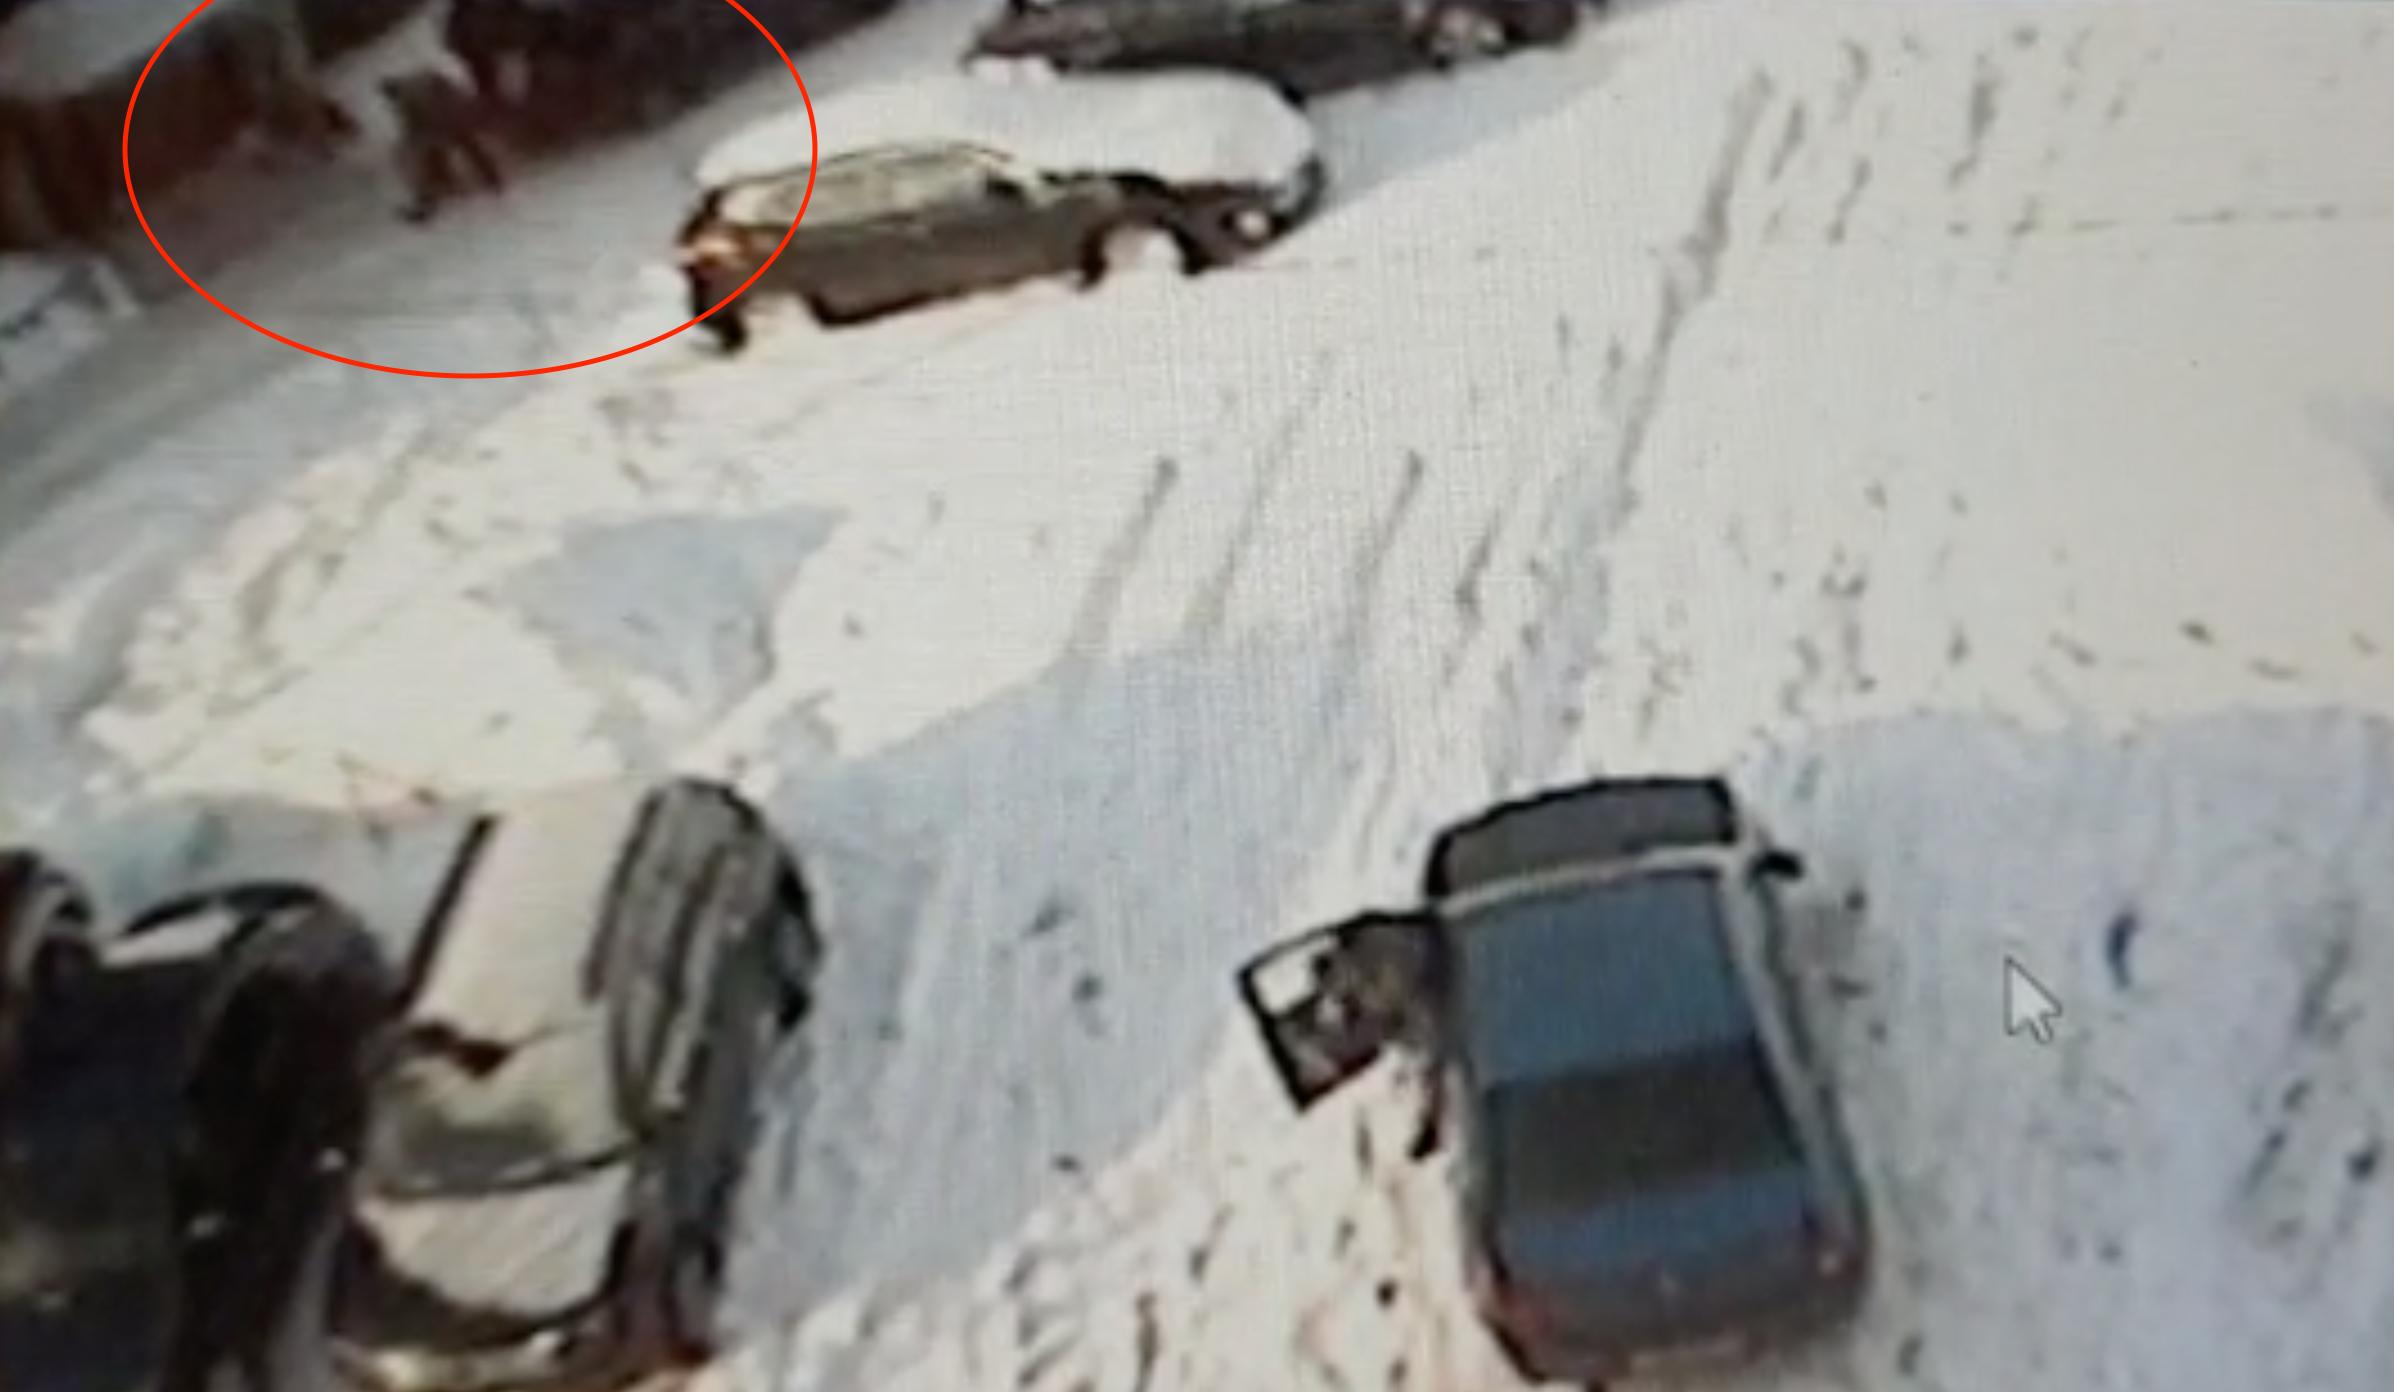 Убийство школьницы в Мурманске: Труп вывез на такси и сжег его в гаражной печи